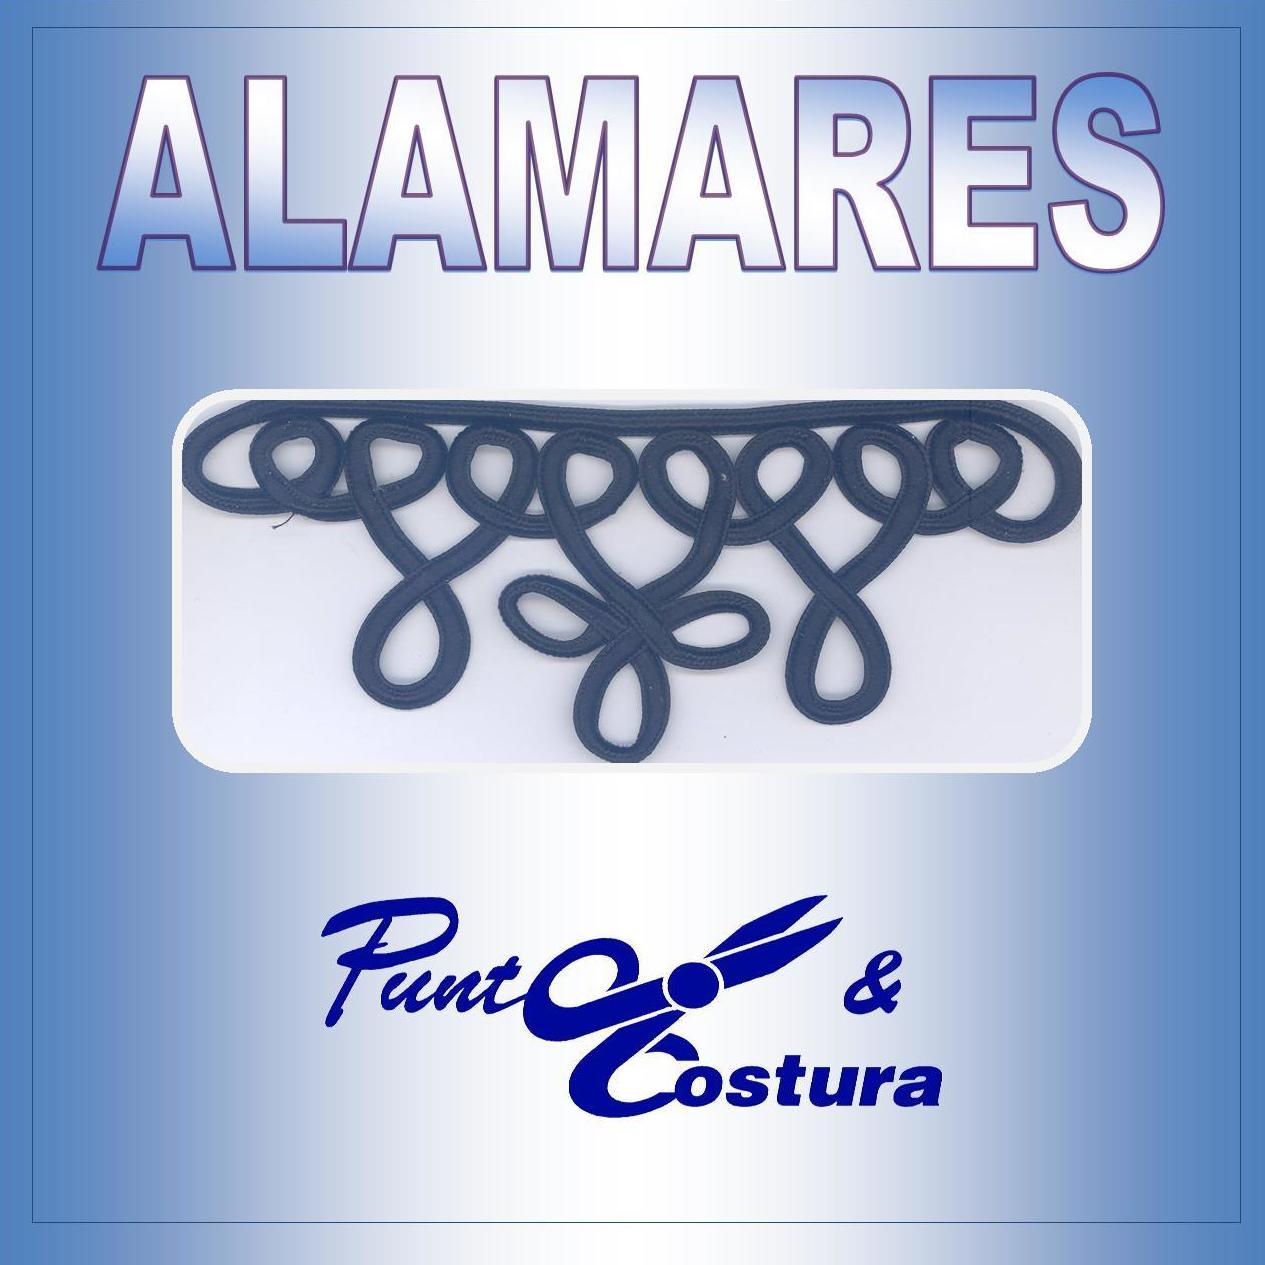 Alamares: Catálogo de MANUEL RODRÍGUEZ MARTÍNEZ